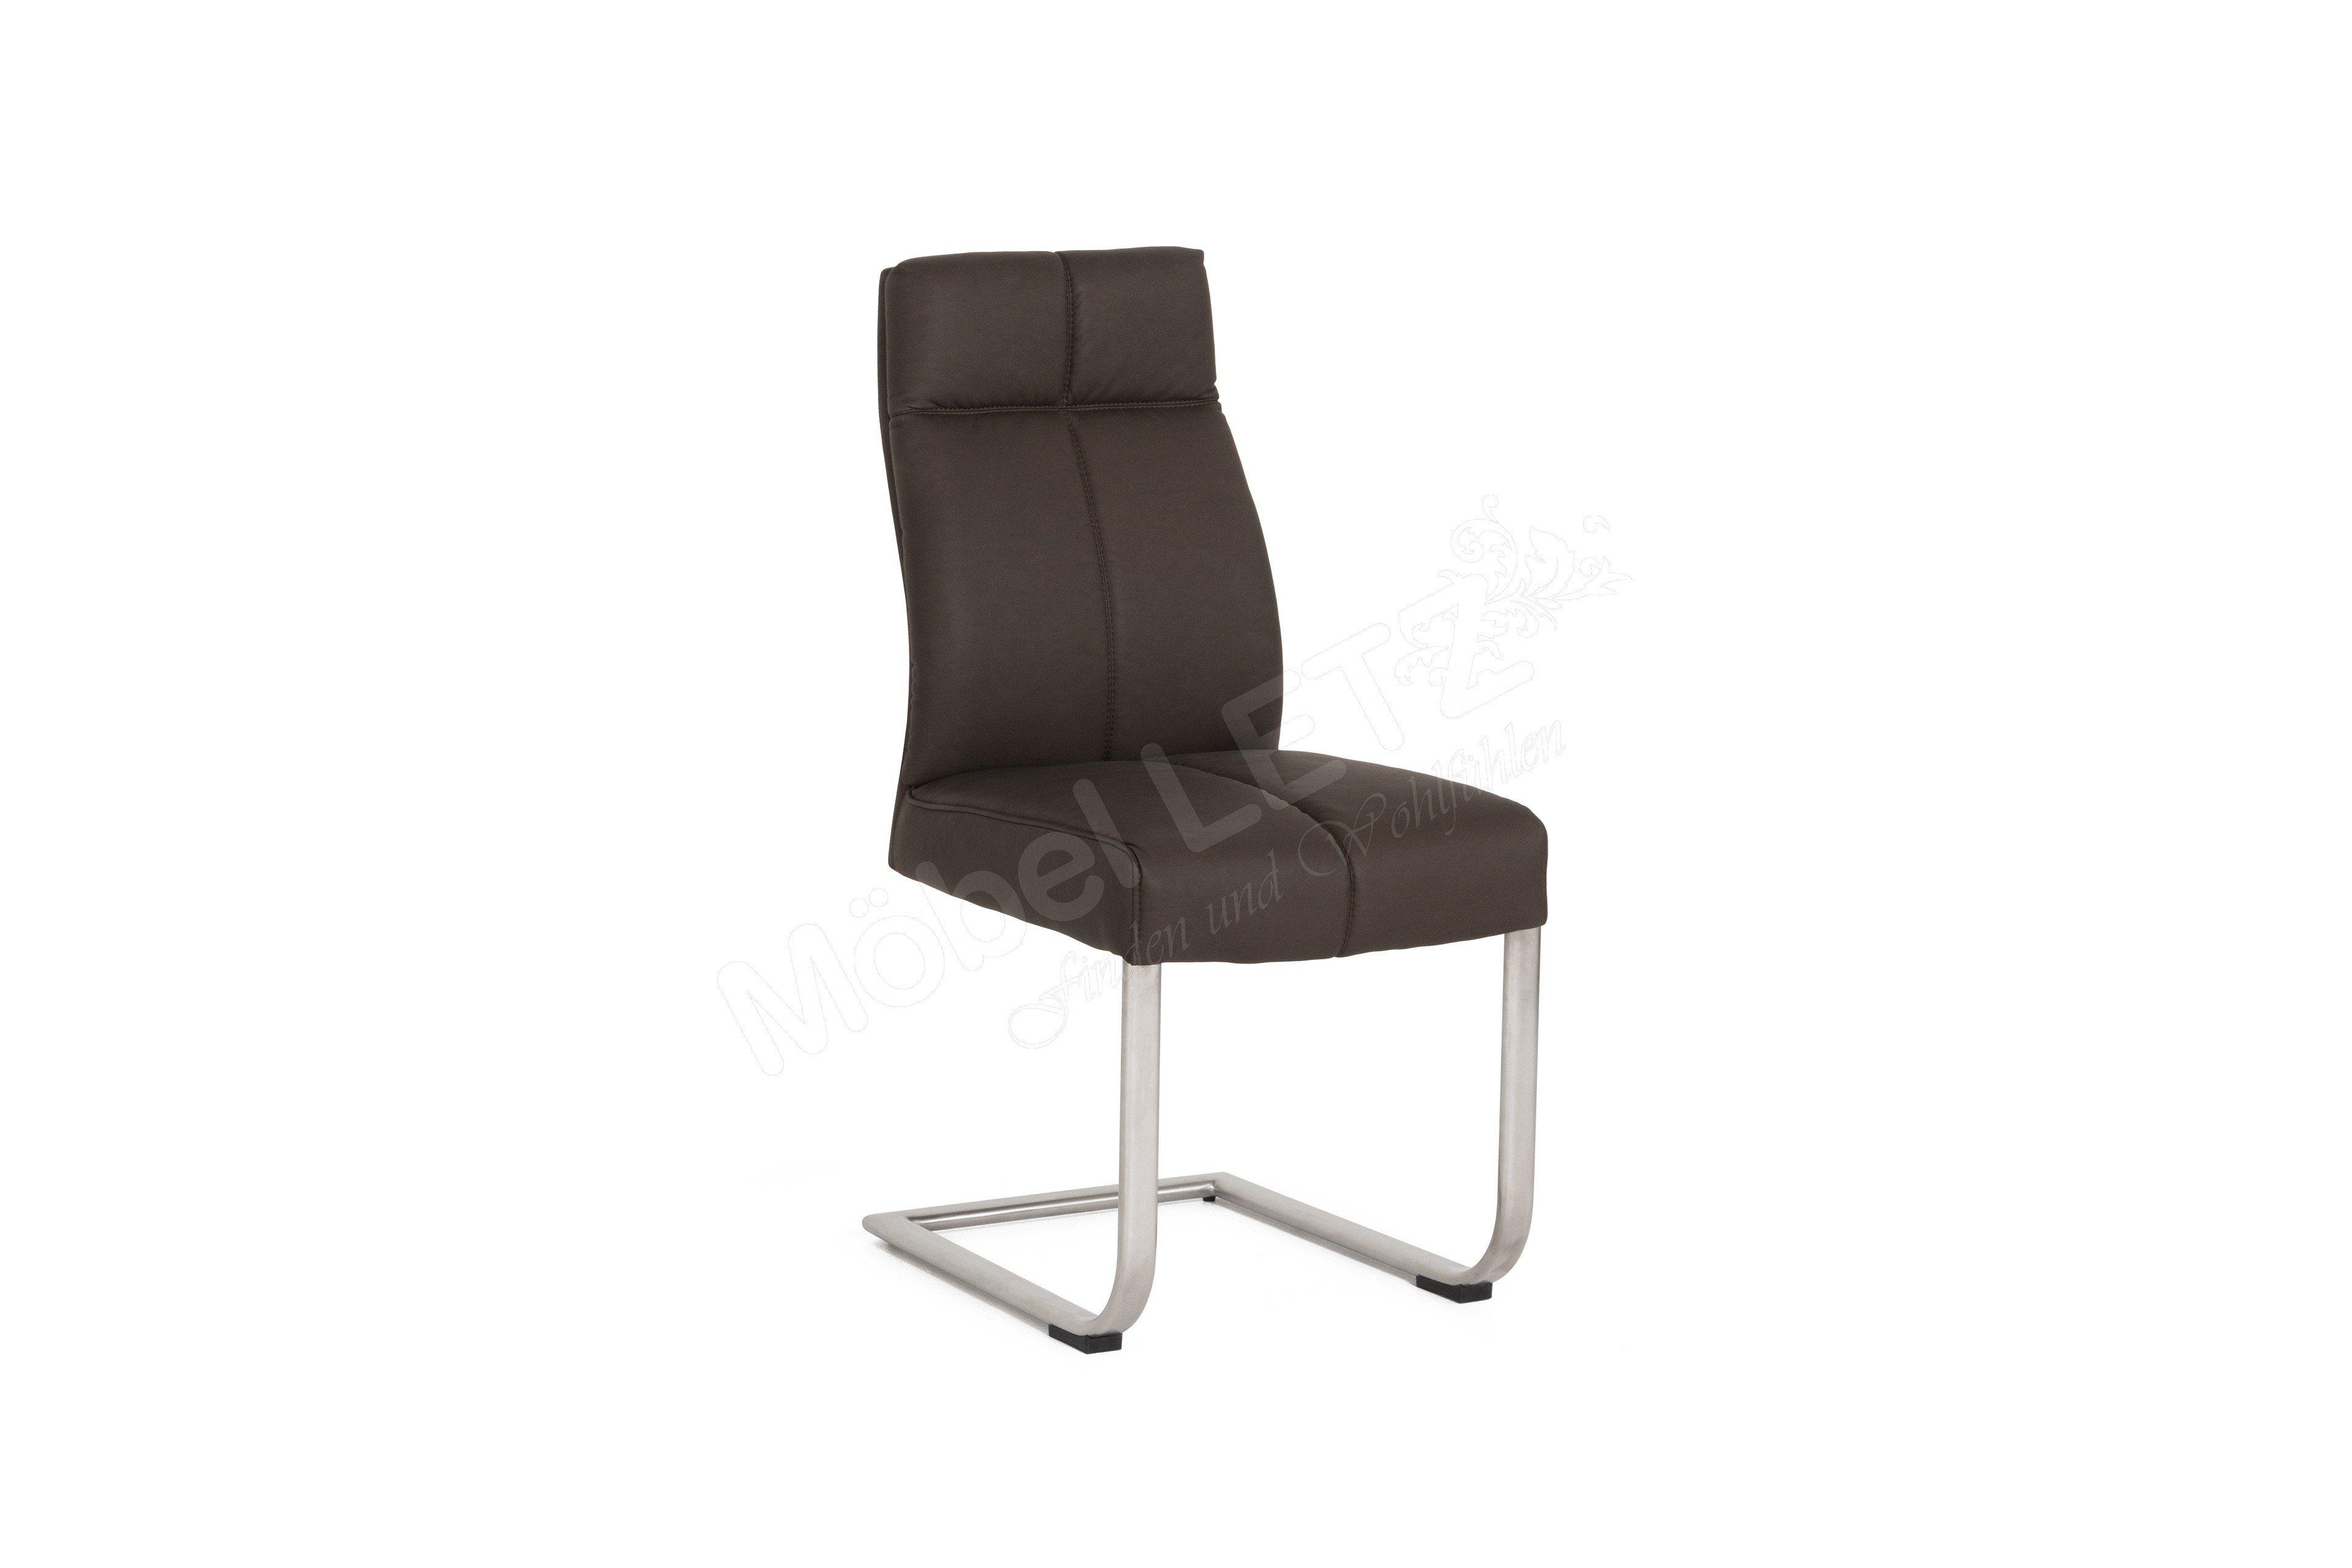 stuhl vince carter braun kastanie von mca m bel letz ihr online shop. Black Bedroom Furniture Sets. Home Design Ideas